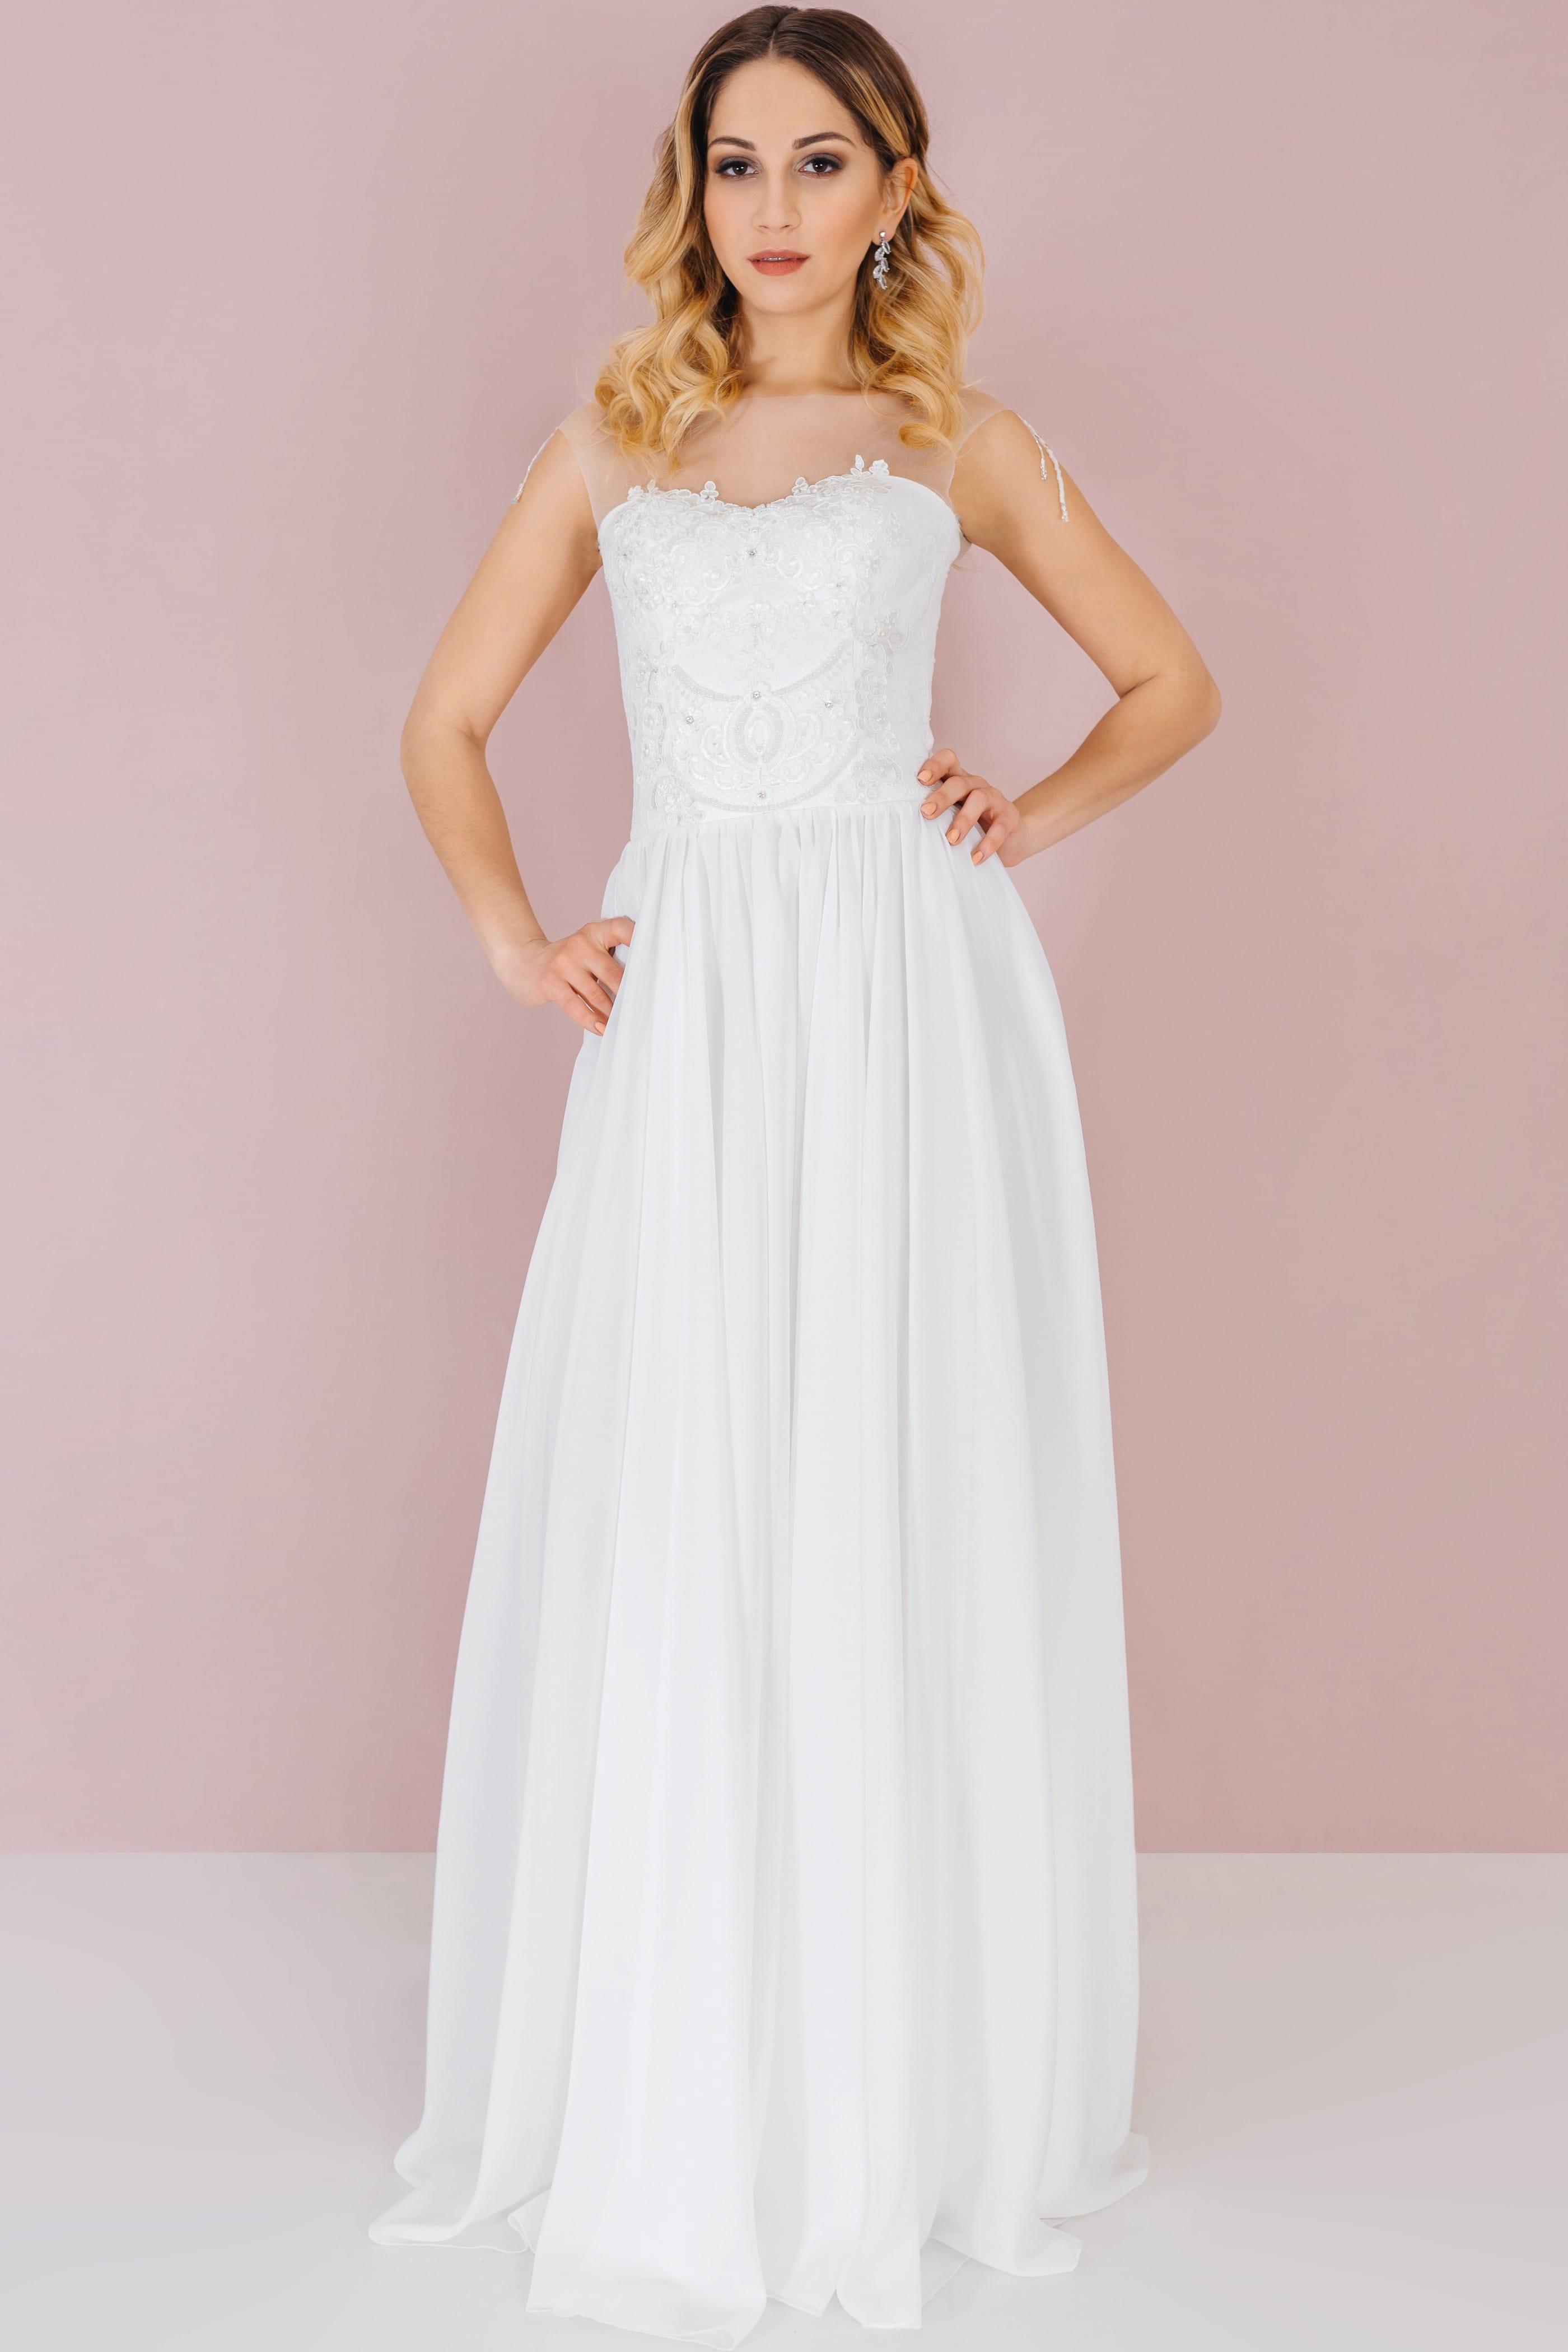 Свадебное платье HILARY, коллекция LOFT, бренд RARE BRIDAL, фото 1